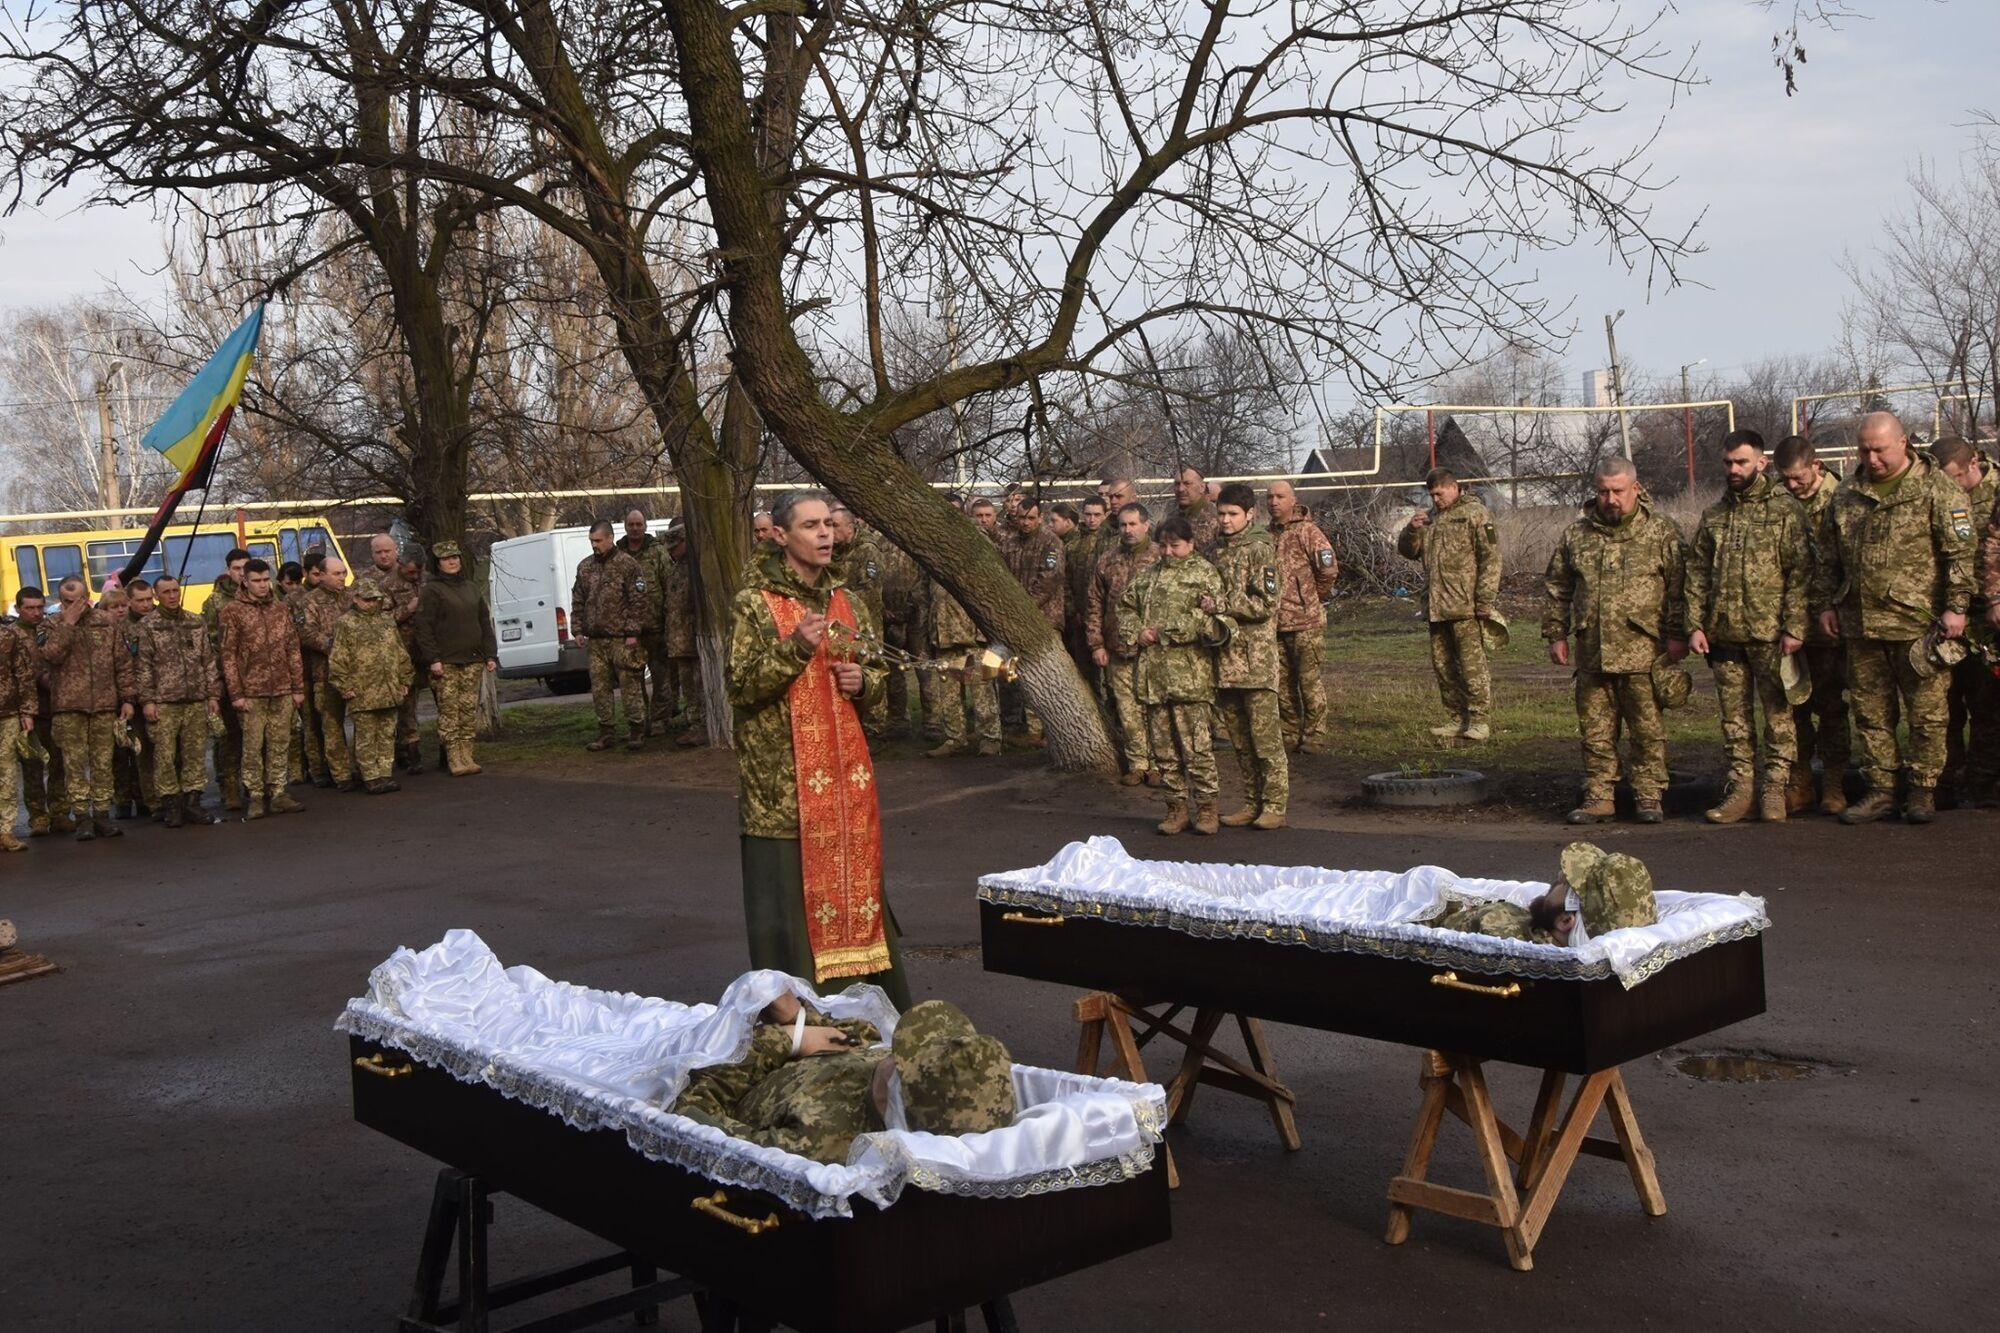 10-та гірсько-штурмова бригада ЗСУ втратила двох воїнів